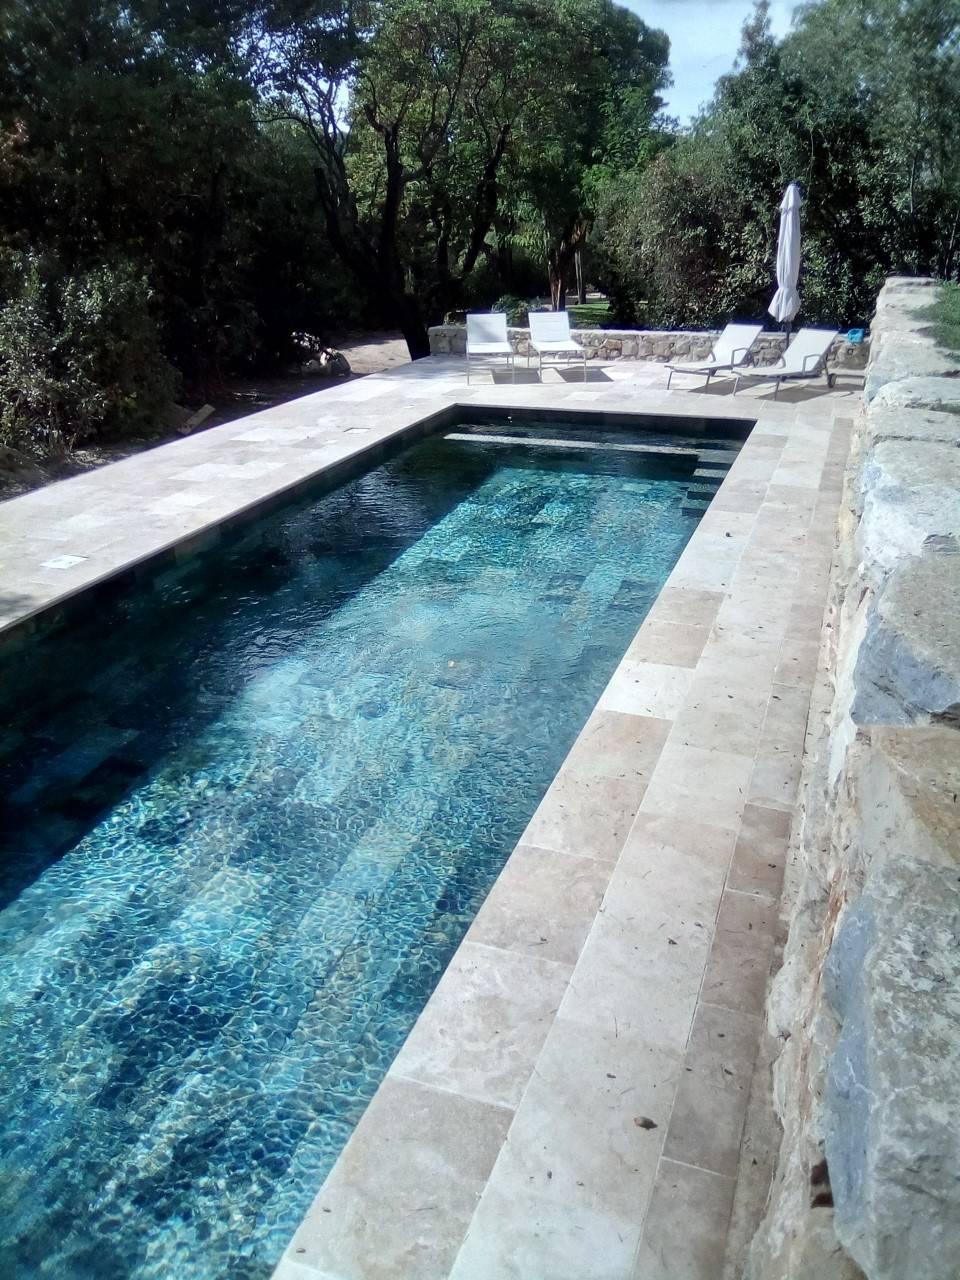 carrelage piscine bali green pour interieur de piscine a